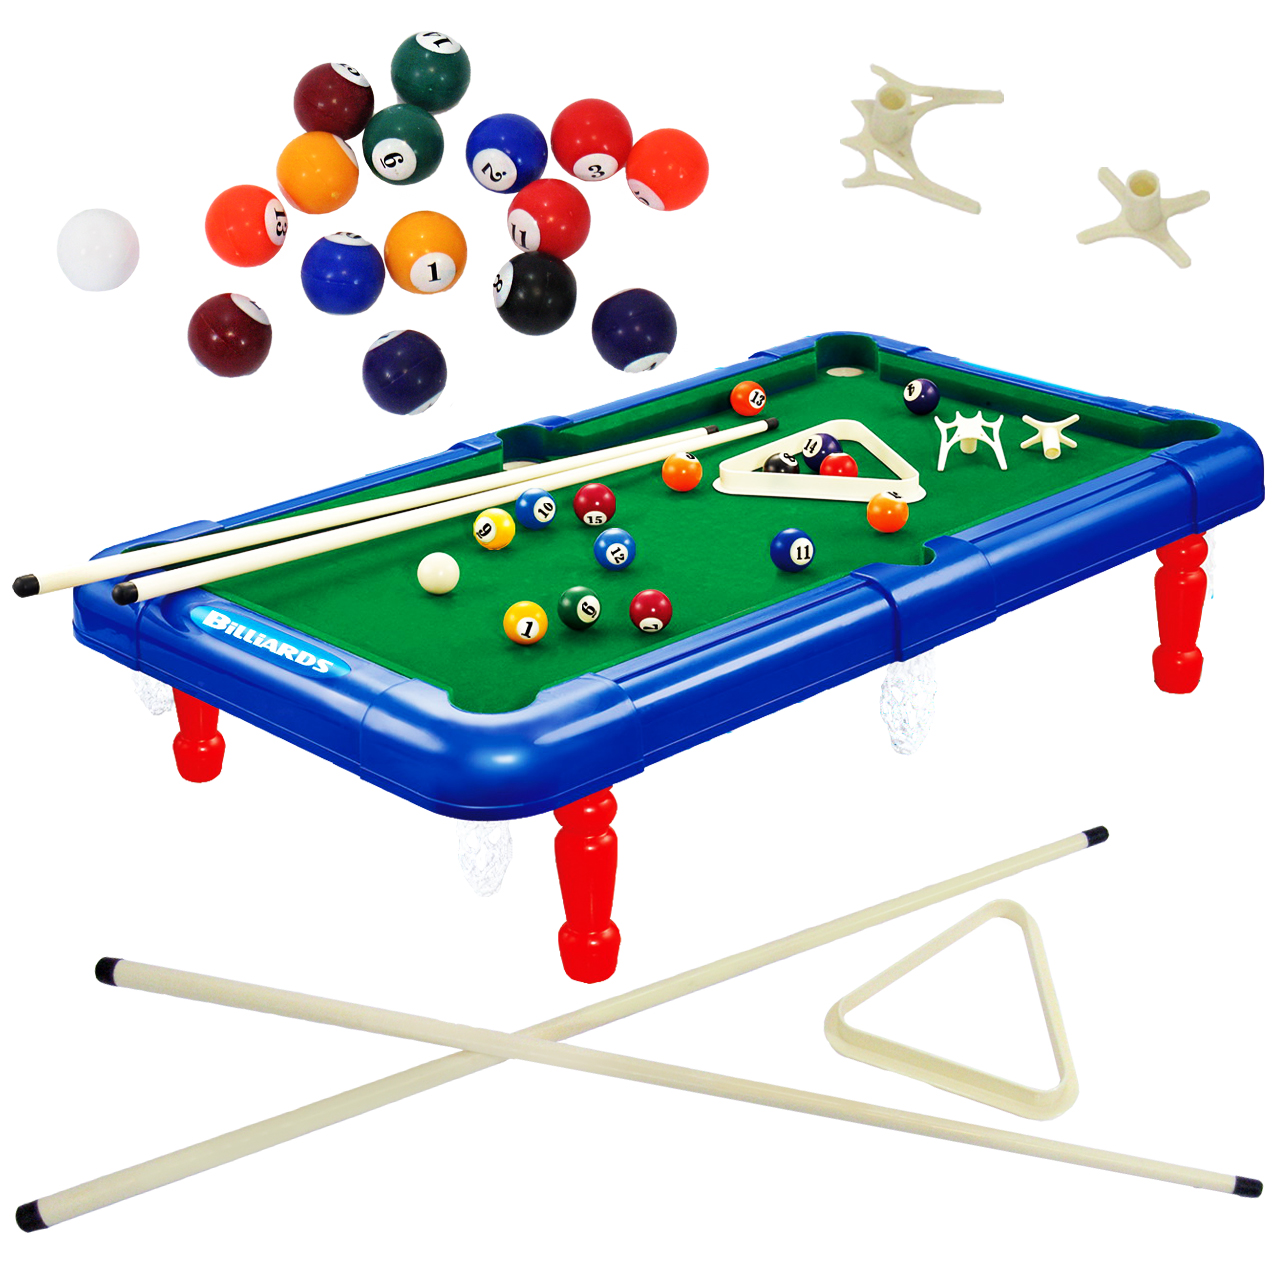 اسباب بازی میز بیلیارد تنگجیا مدل Billiards 628-05A